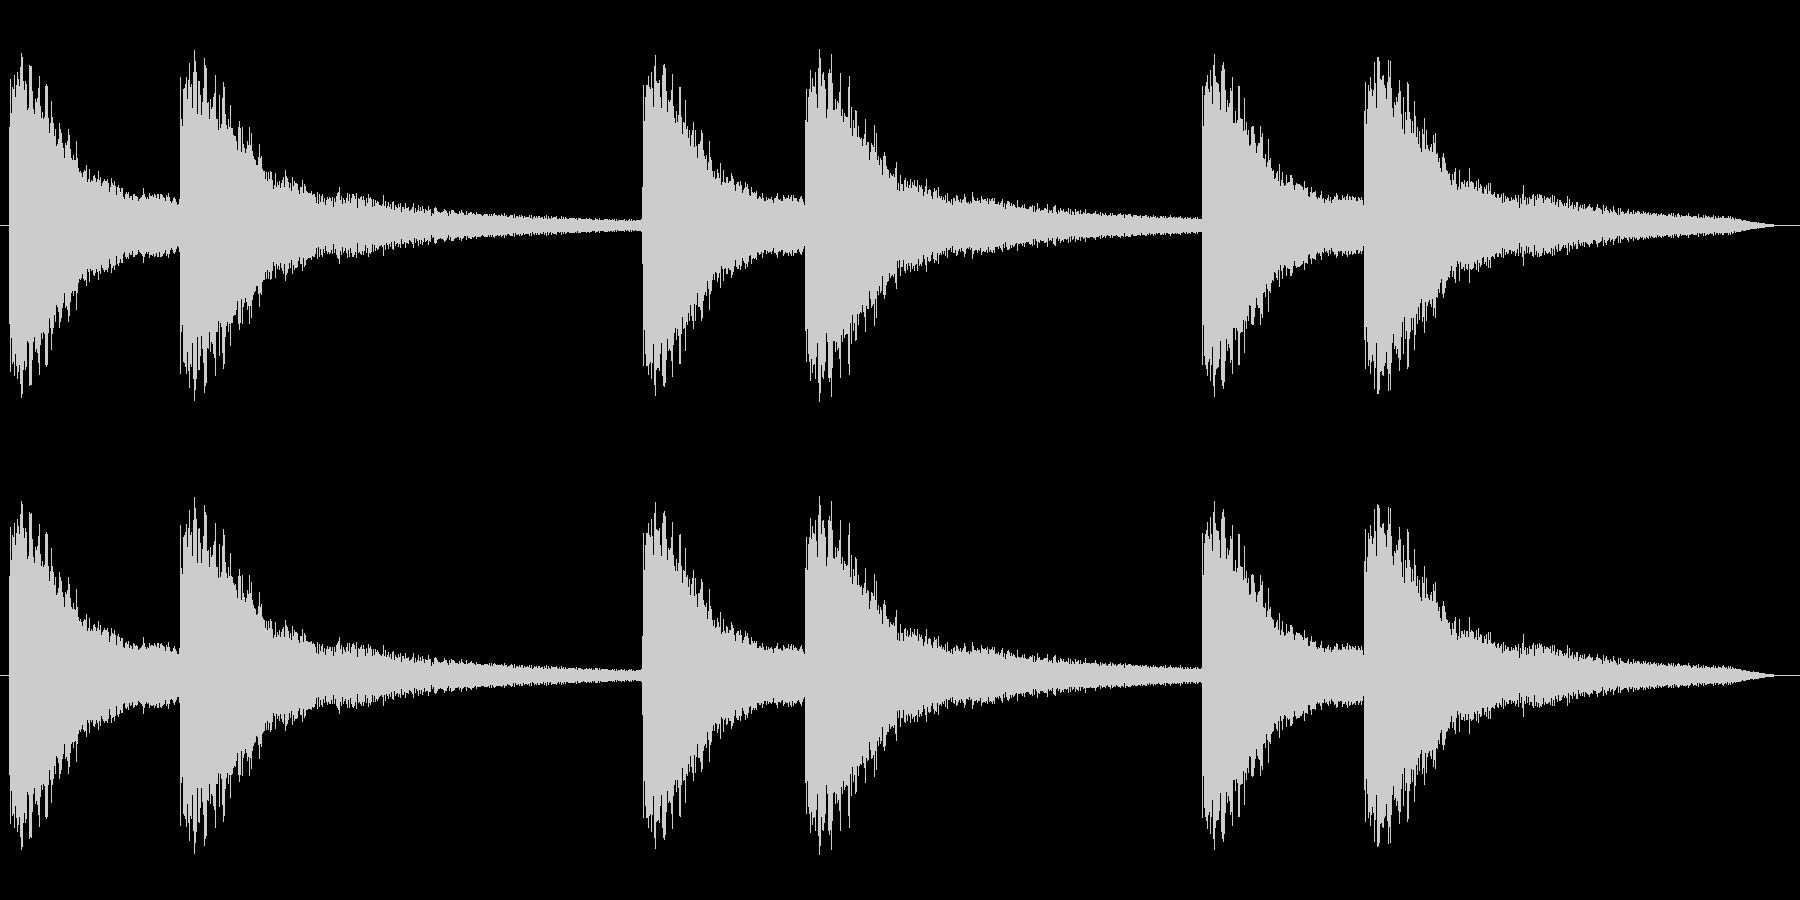 キーンコーンキーンコーン(鐘の音)の未再生の波形